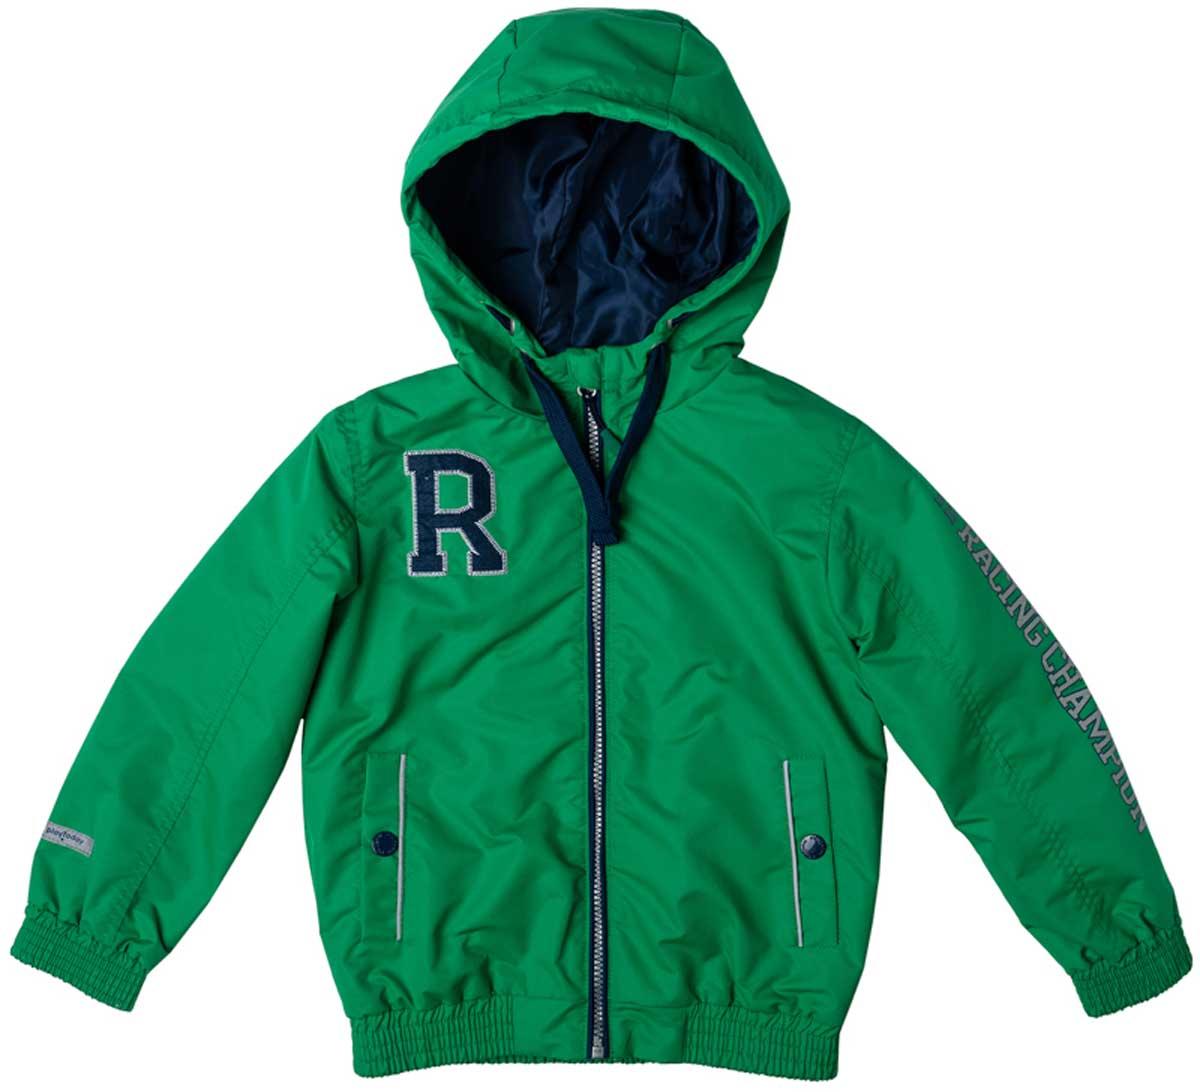 Куртка171003Яркая куртка из плотной водоотталкивающей ткани на теплой флисовой подкладке подойдет для дождливой ветреной погоды. Специальный карман для фиксации застежки-молнии не позволит застежке травмировать нежную кожу ребенка. Куртку украшают яркая аппликация и принт на рукаве. Прорезные карманы на застежках кнопках дополнены светоотражателями, Ваш ребенок будет виден в темное время суток. Капюшон можно отрегулировать шнуром - кулиской. Рукава на плотной удобной резинке не дадут замерзнуть.